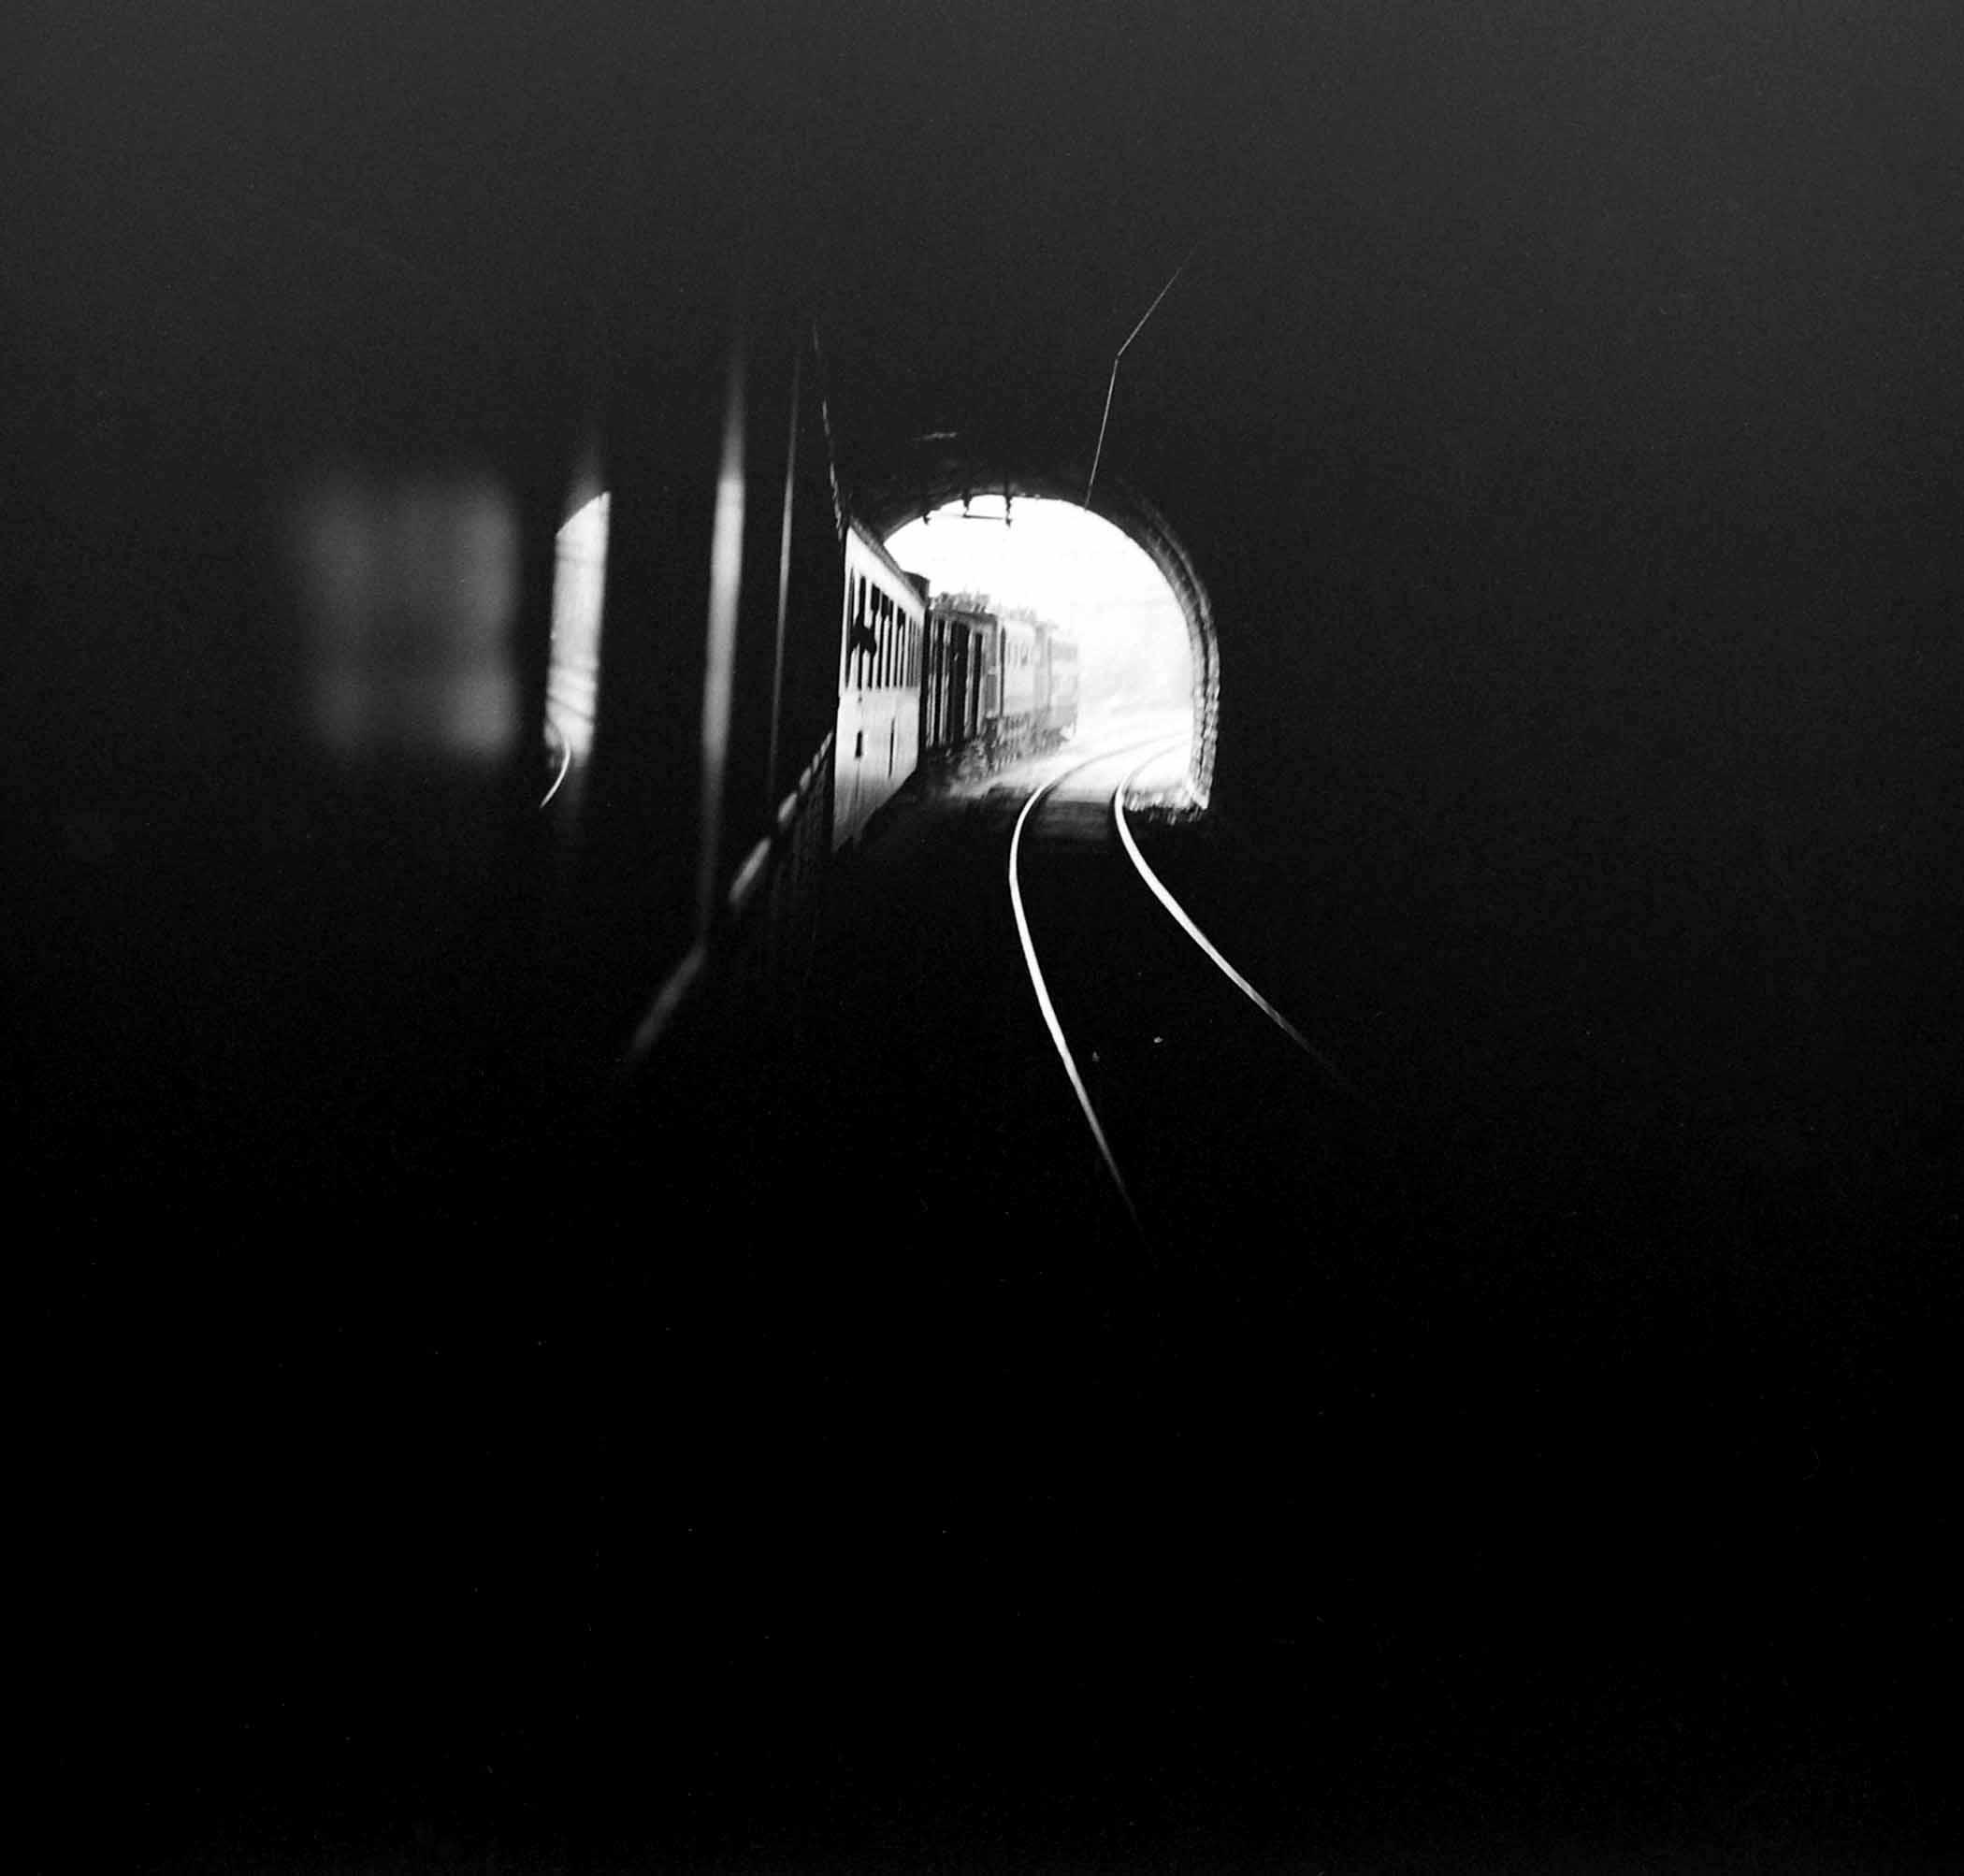 Littérature Cinéma Chanson Les Trains De Nuit Dans Les Arts